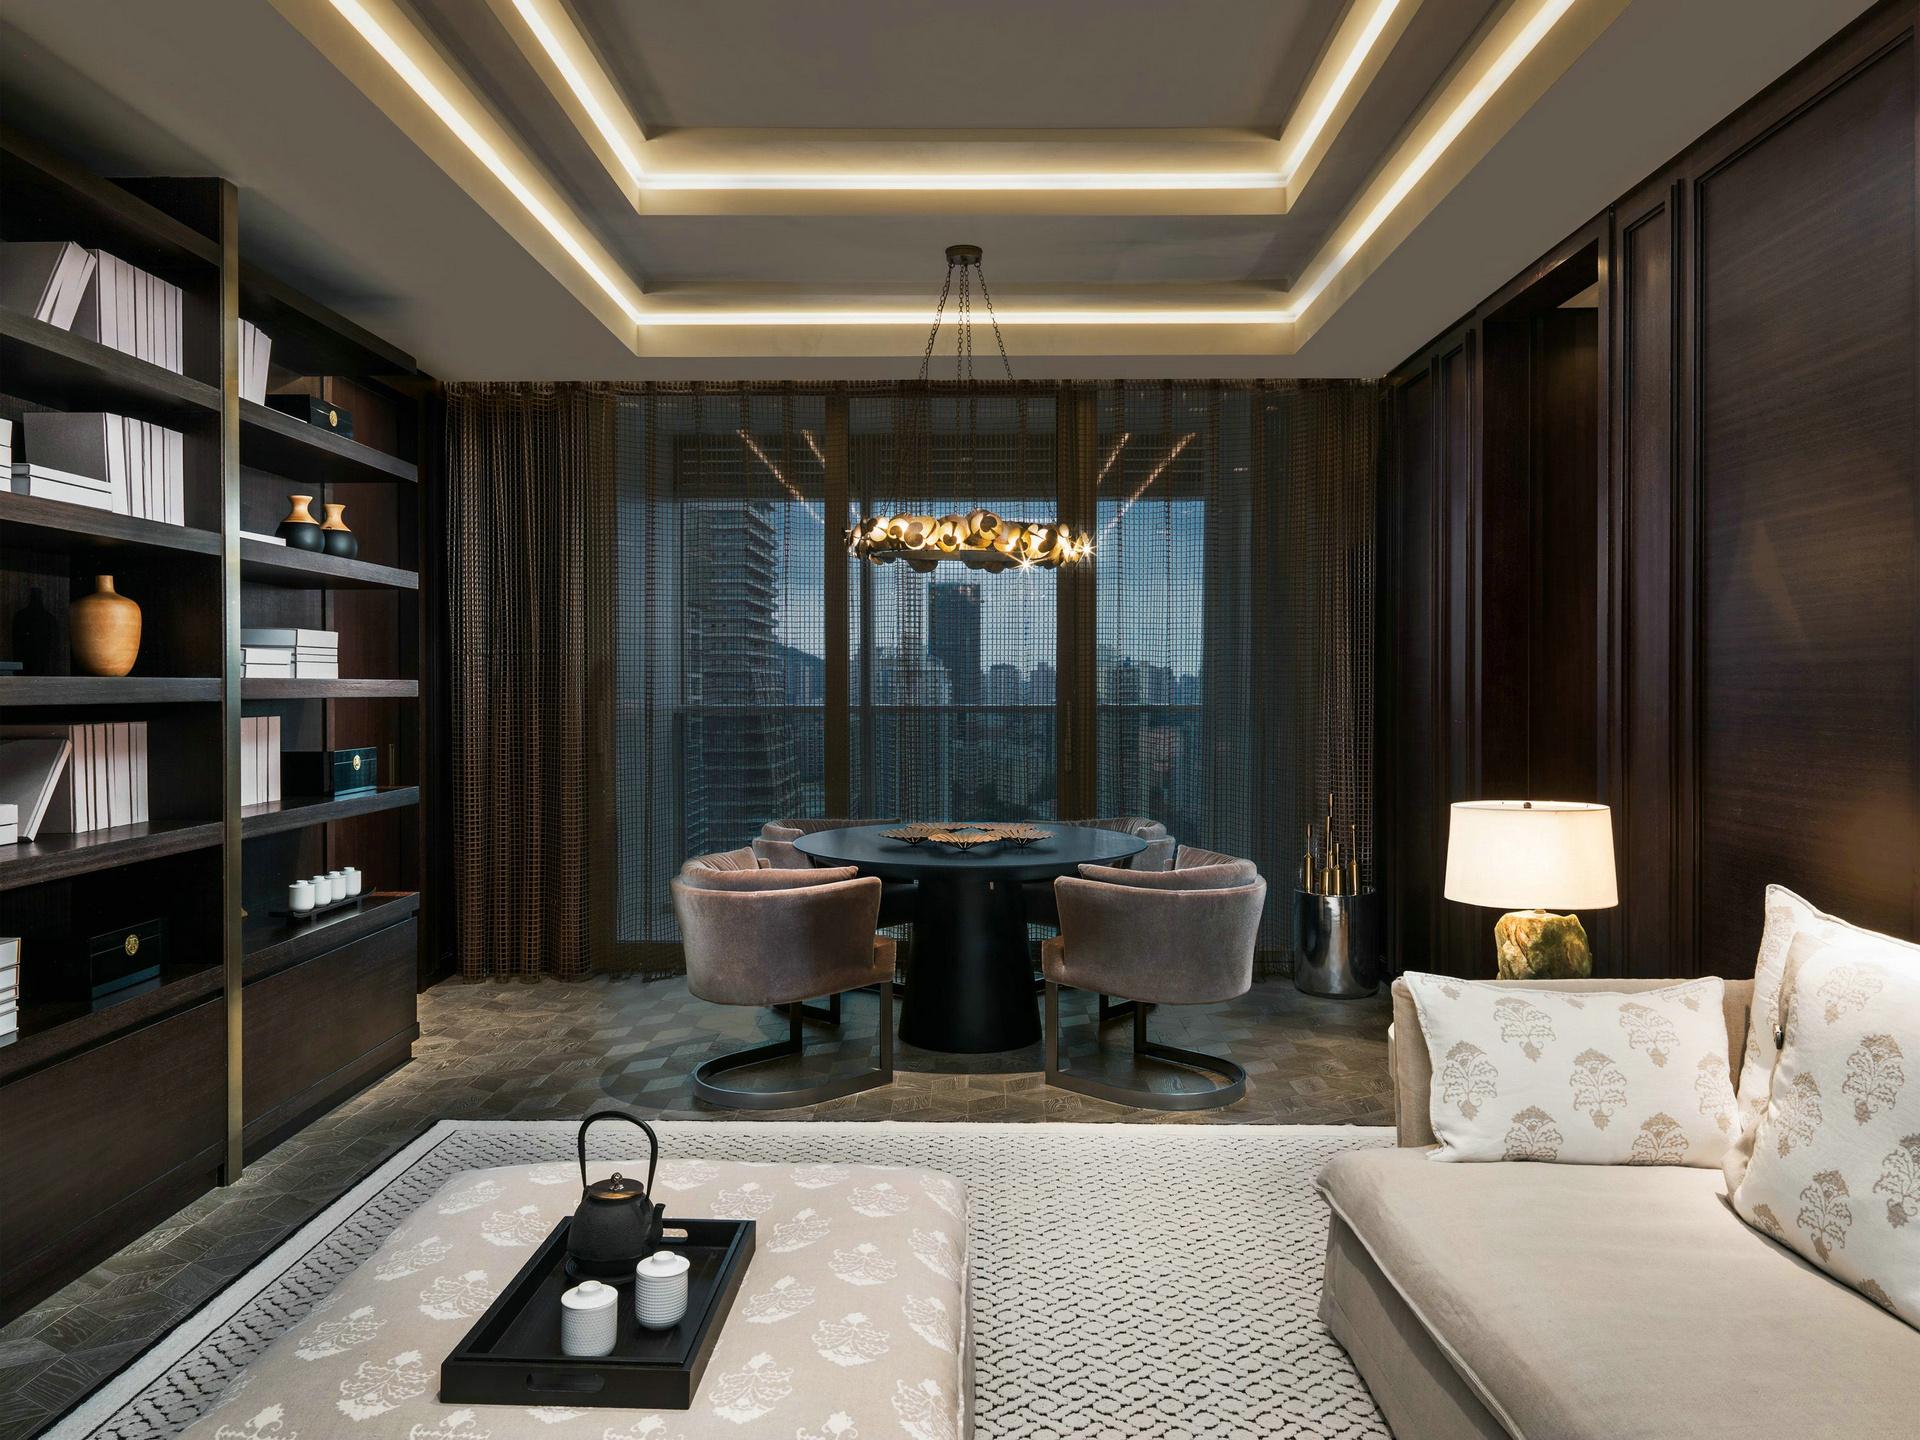 国外优秀别墅设计案例推荐(二)